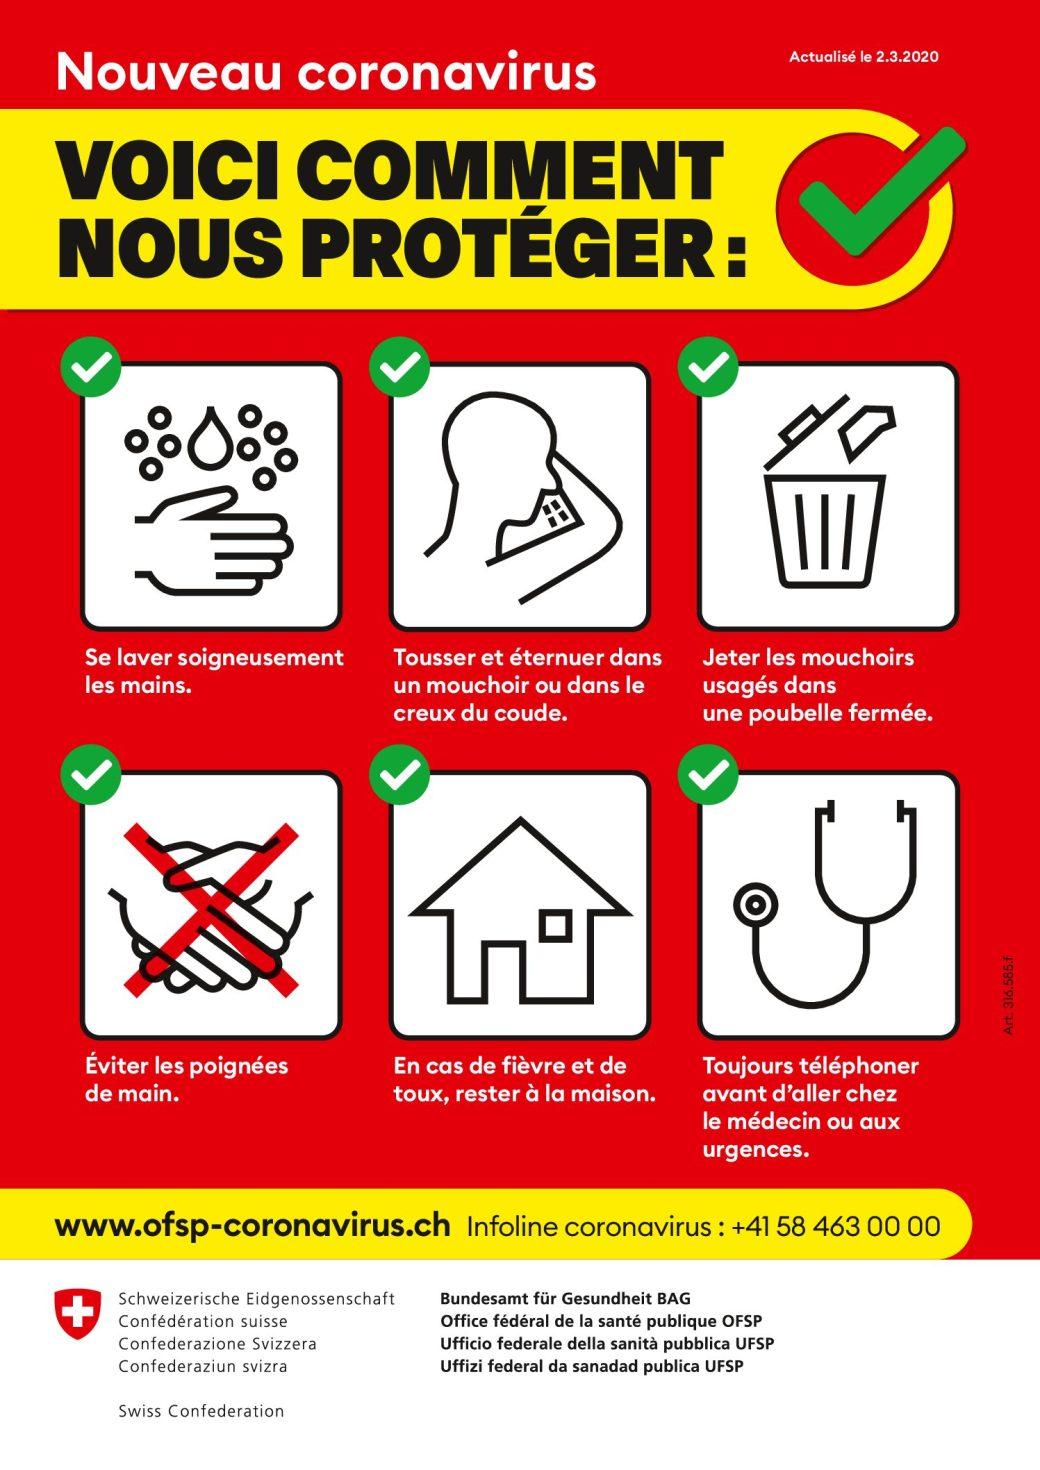 affiche_nouveau_coronavirus_voici_comment_nous_proteger-pdf